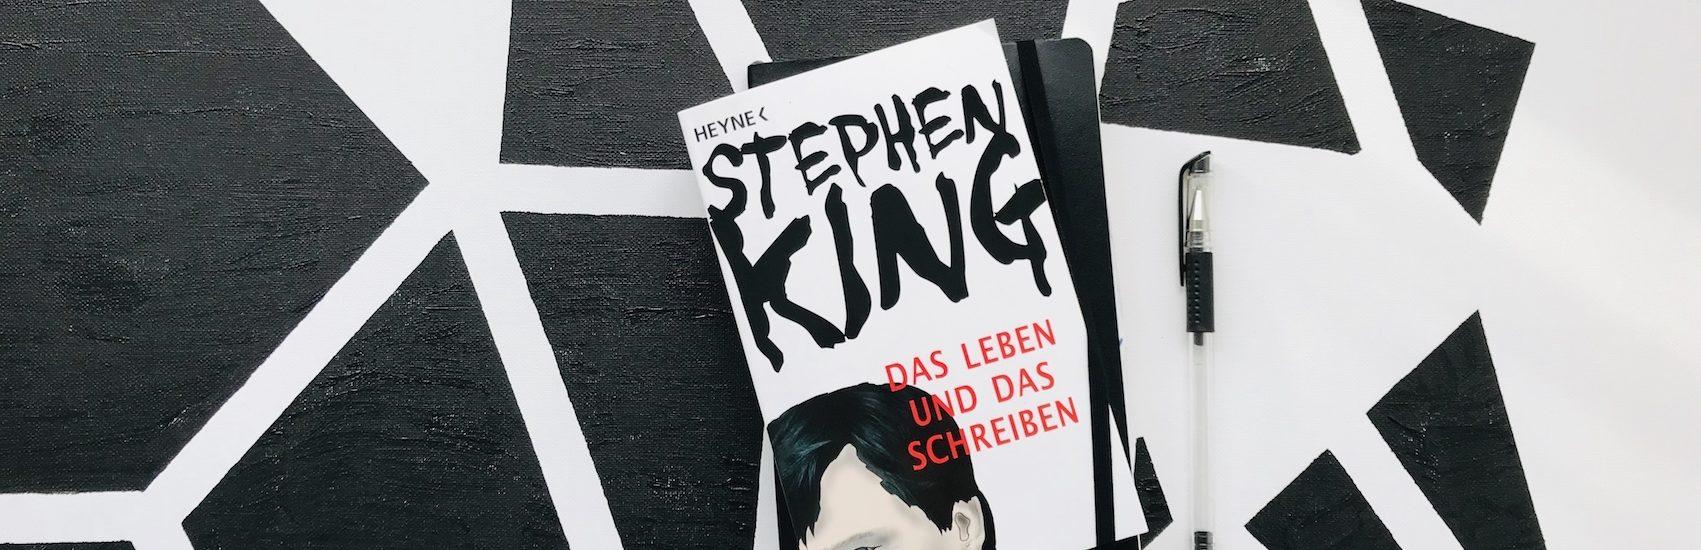 Das Leben und das Schreiben von Stephen King